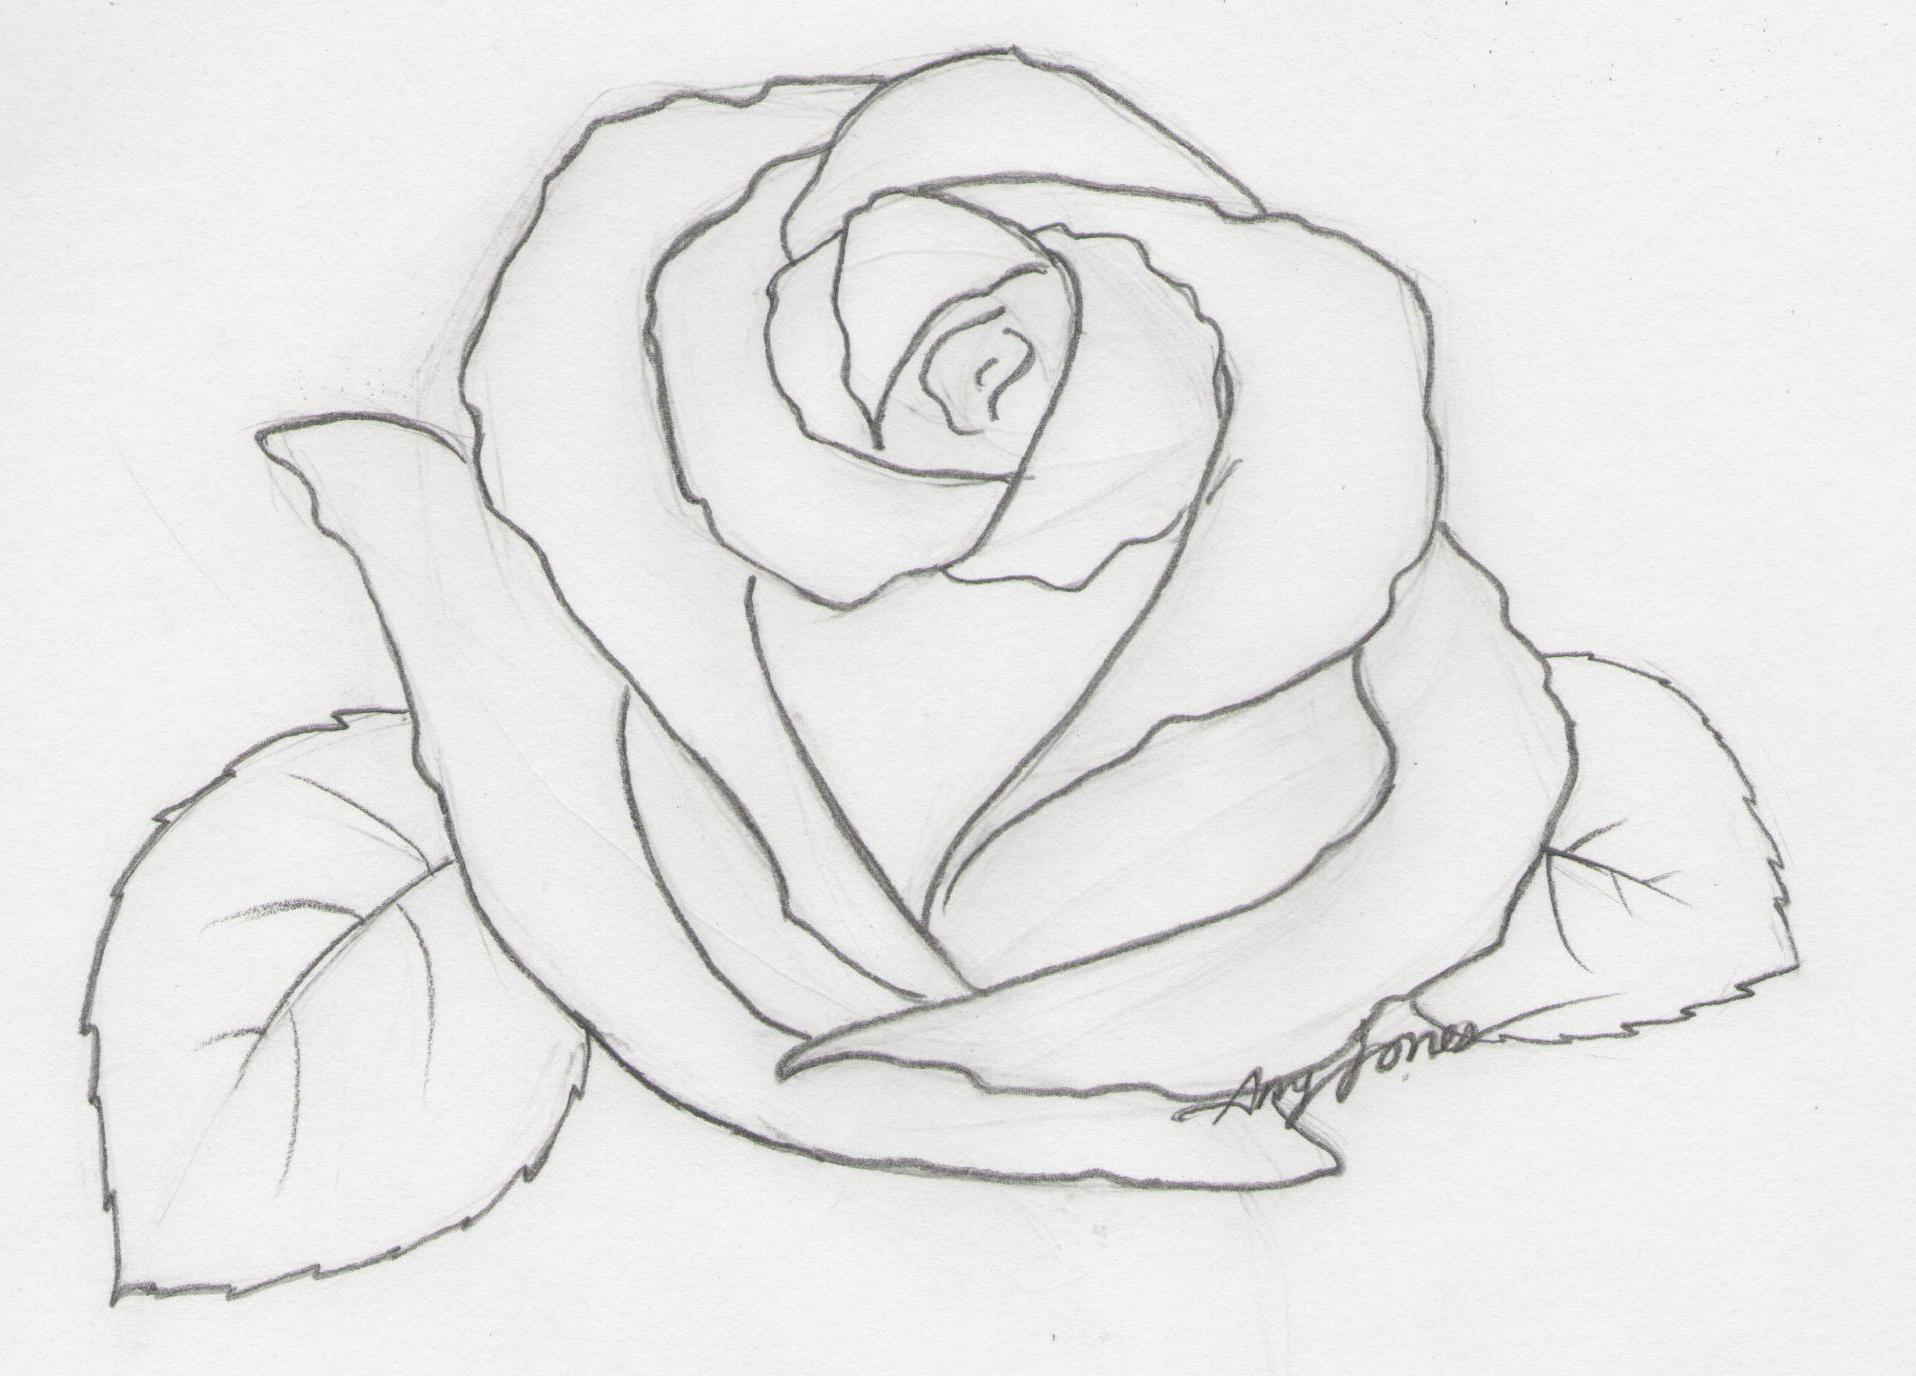 Drawn rose pencil sketch On Drawing Free  Rose